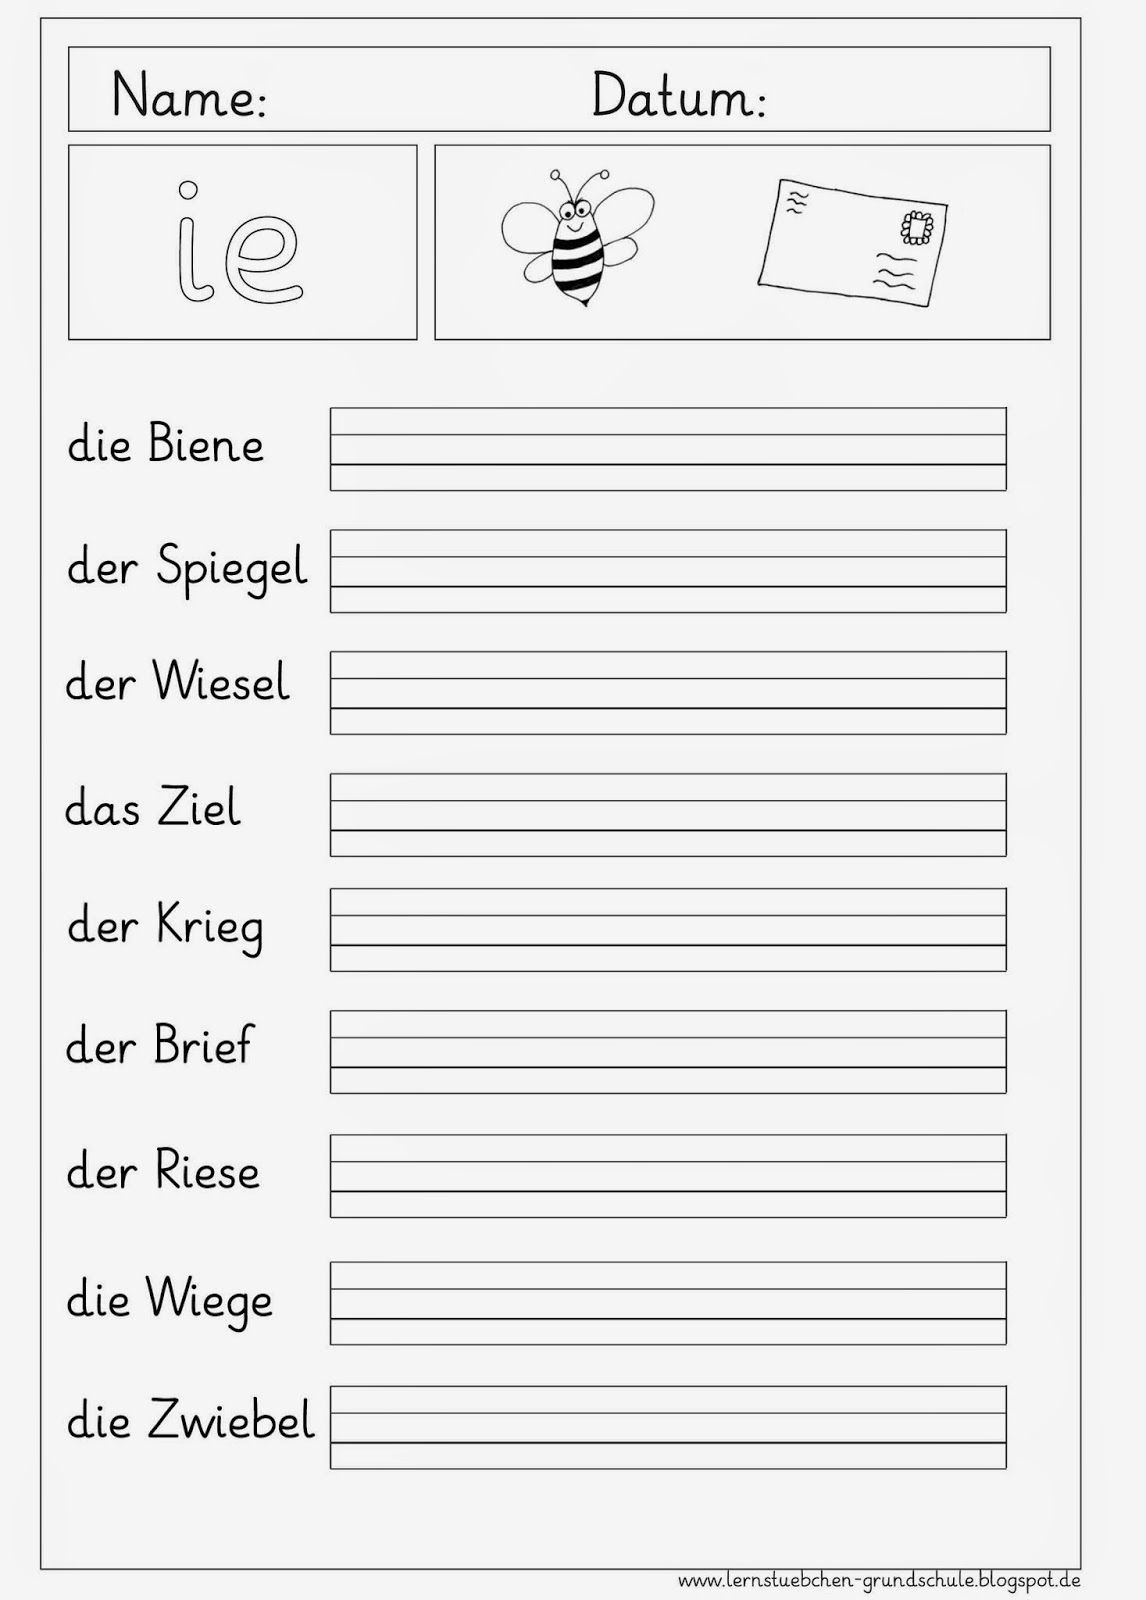 Arbeitsblätter Grundschule 1 Klasse Ausdrucken Lernstübchen für Arbeitsblätter 1 Klasse Deutsch Zum Ausdrucken